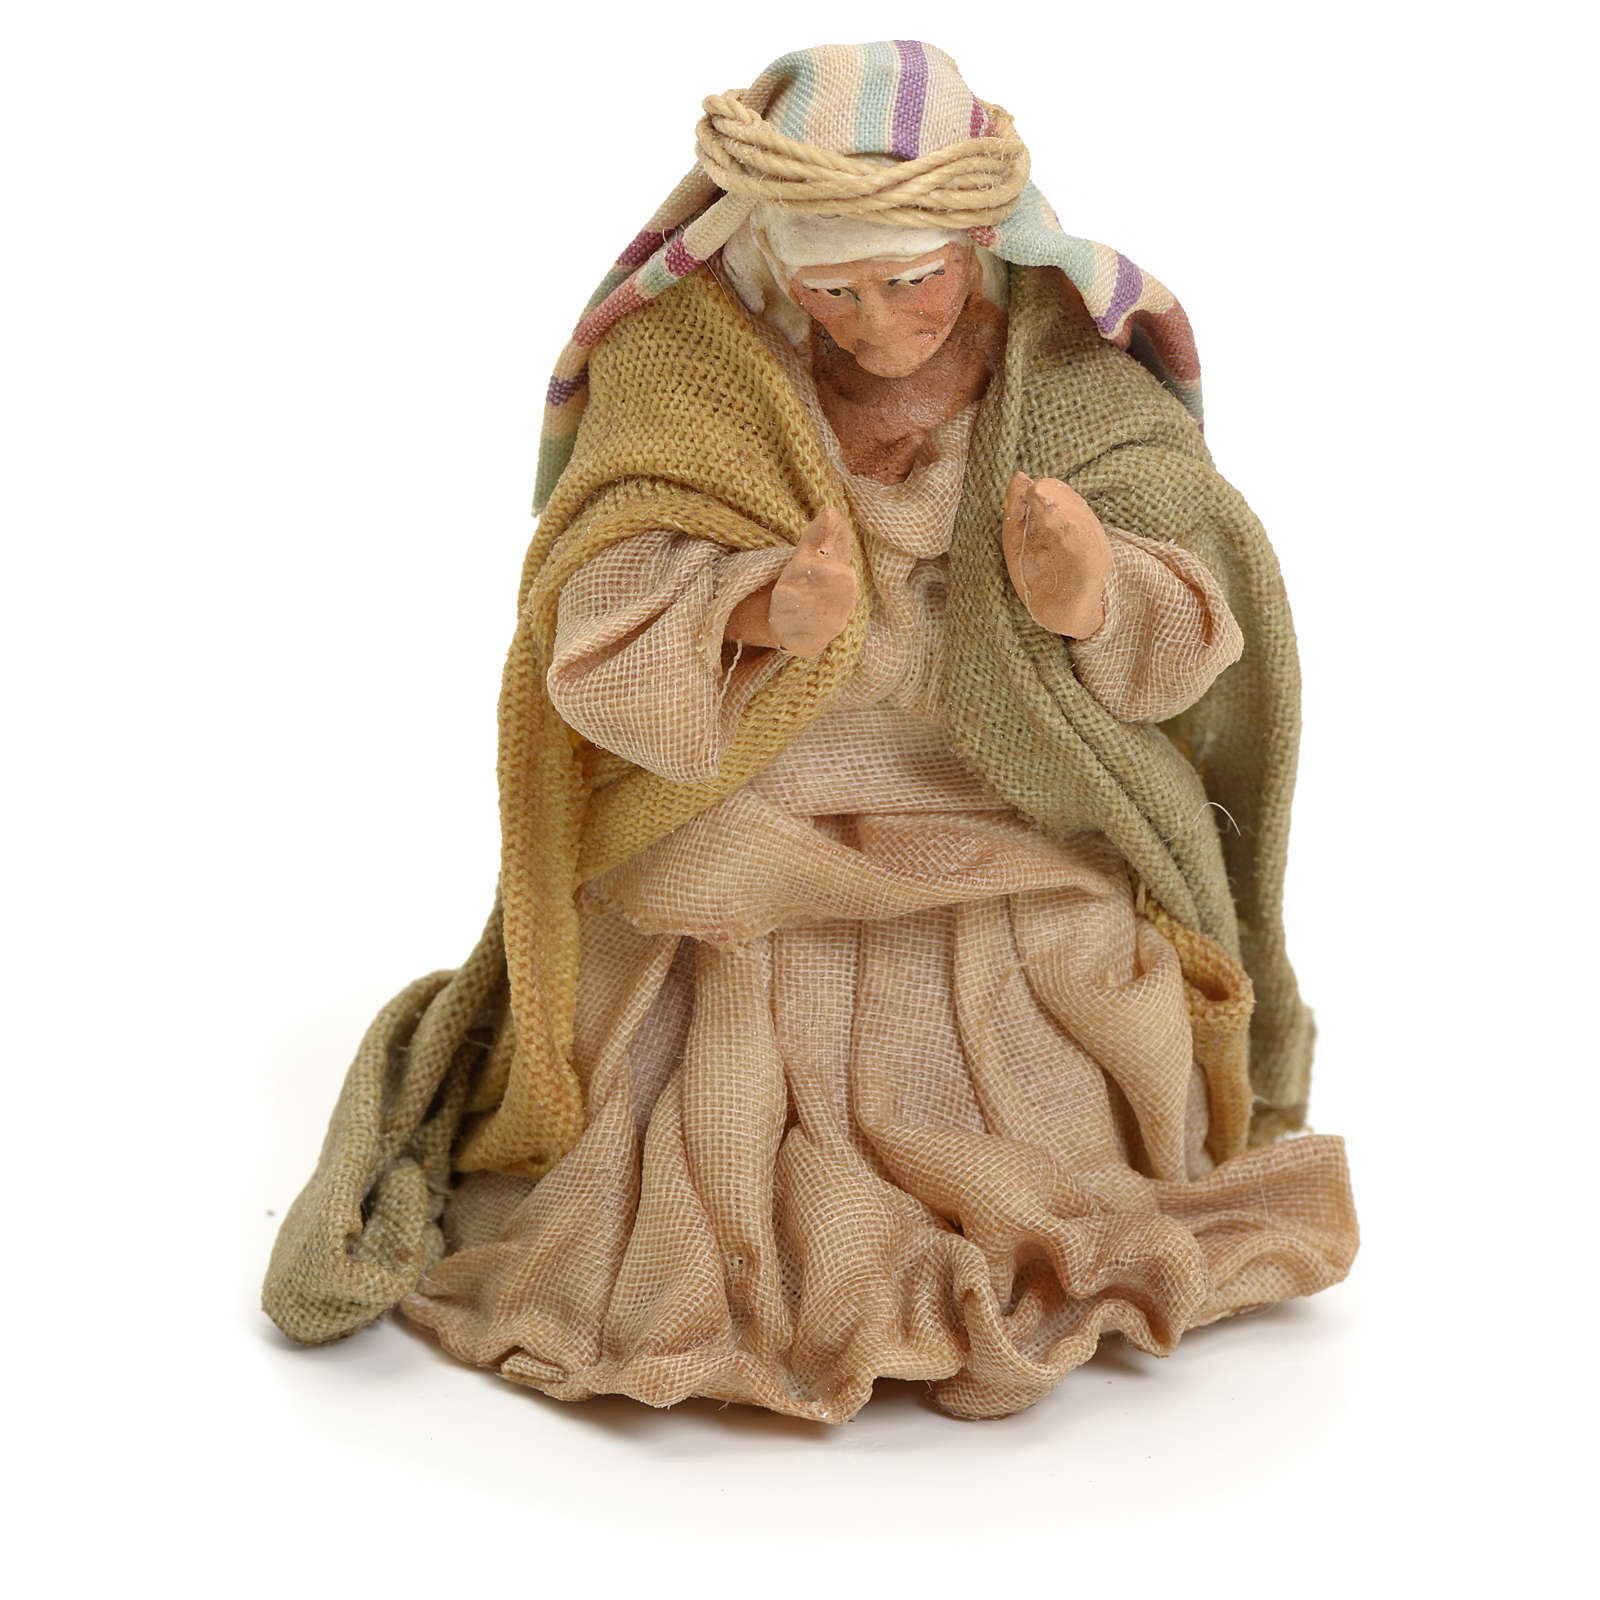 Femme en prière crèche Napolitaine 8 cm 4